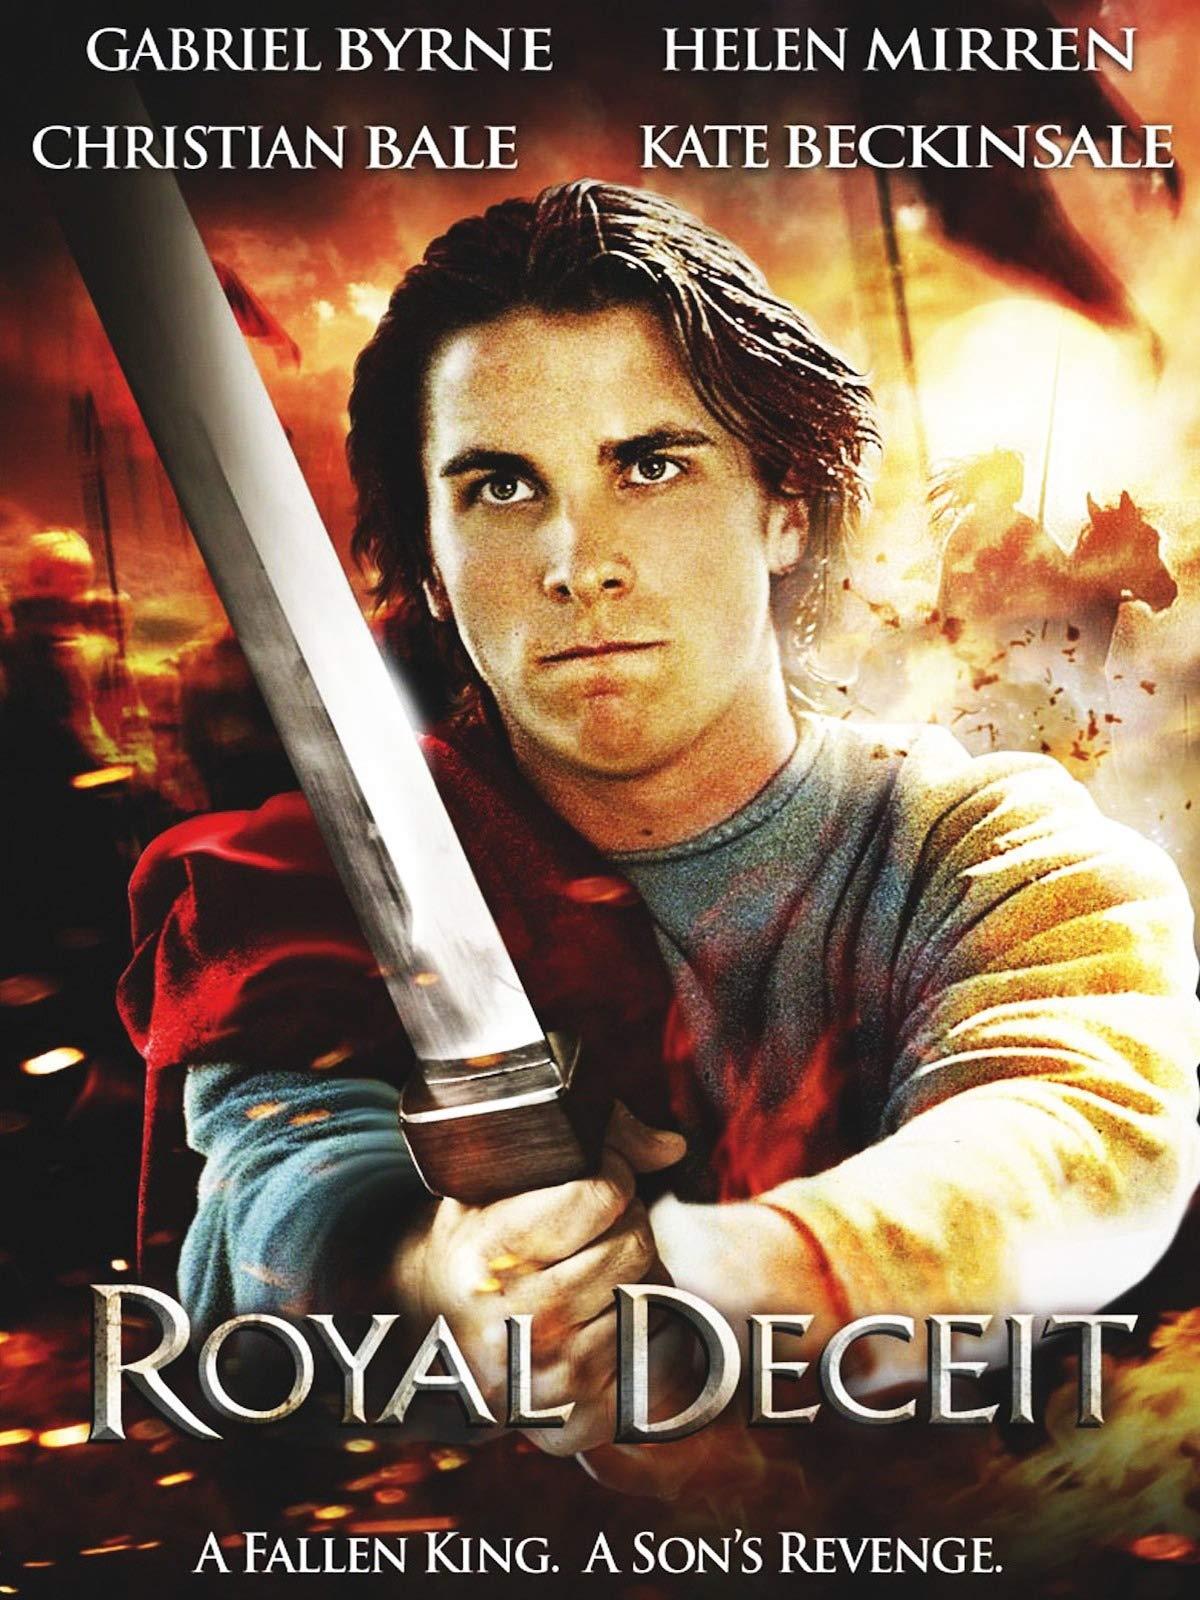 Royal Deceit